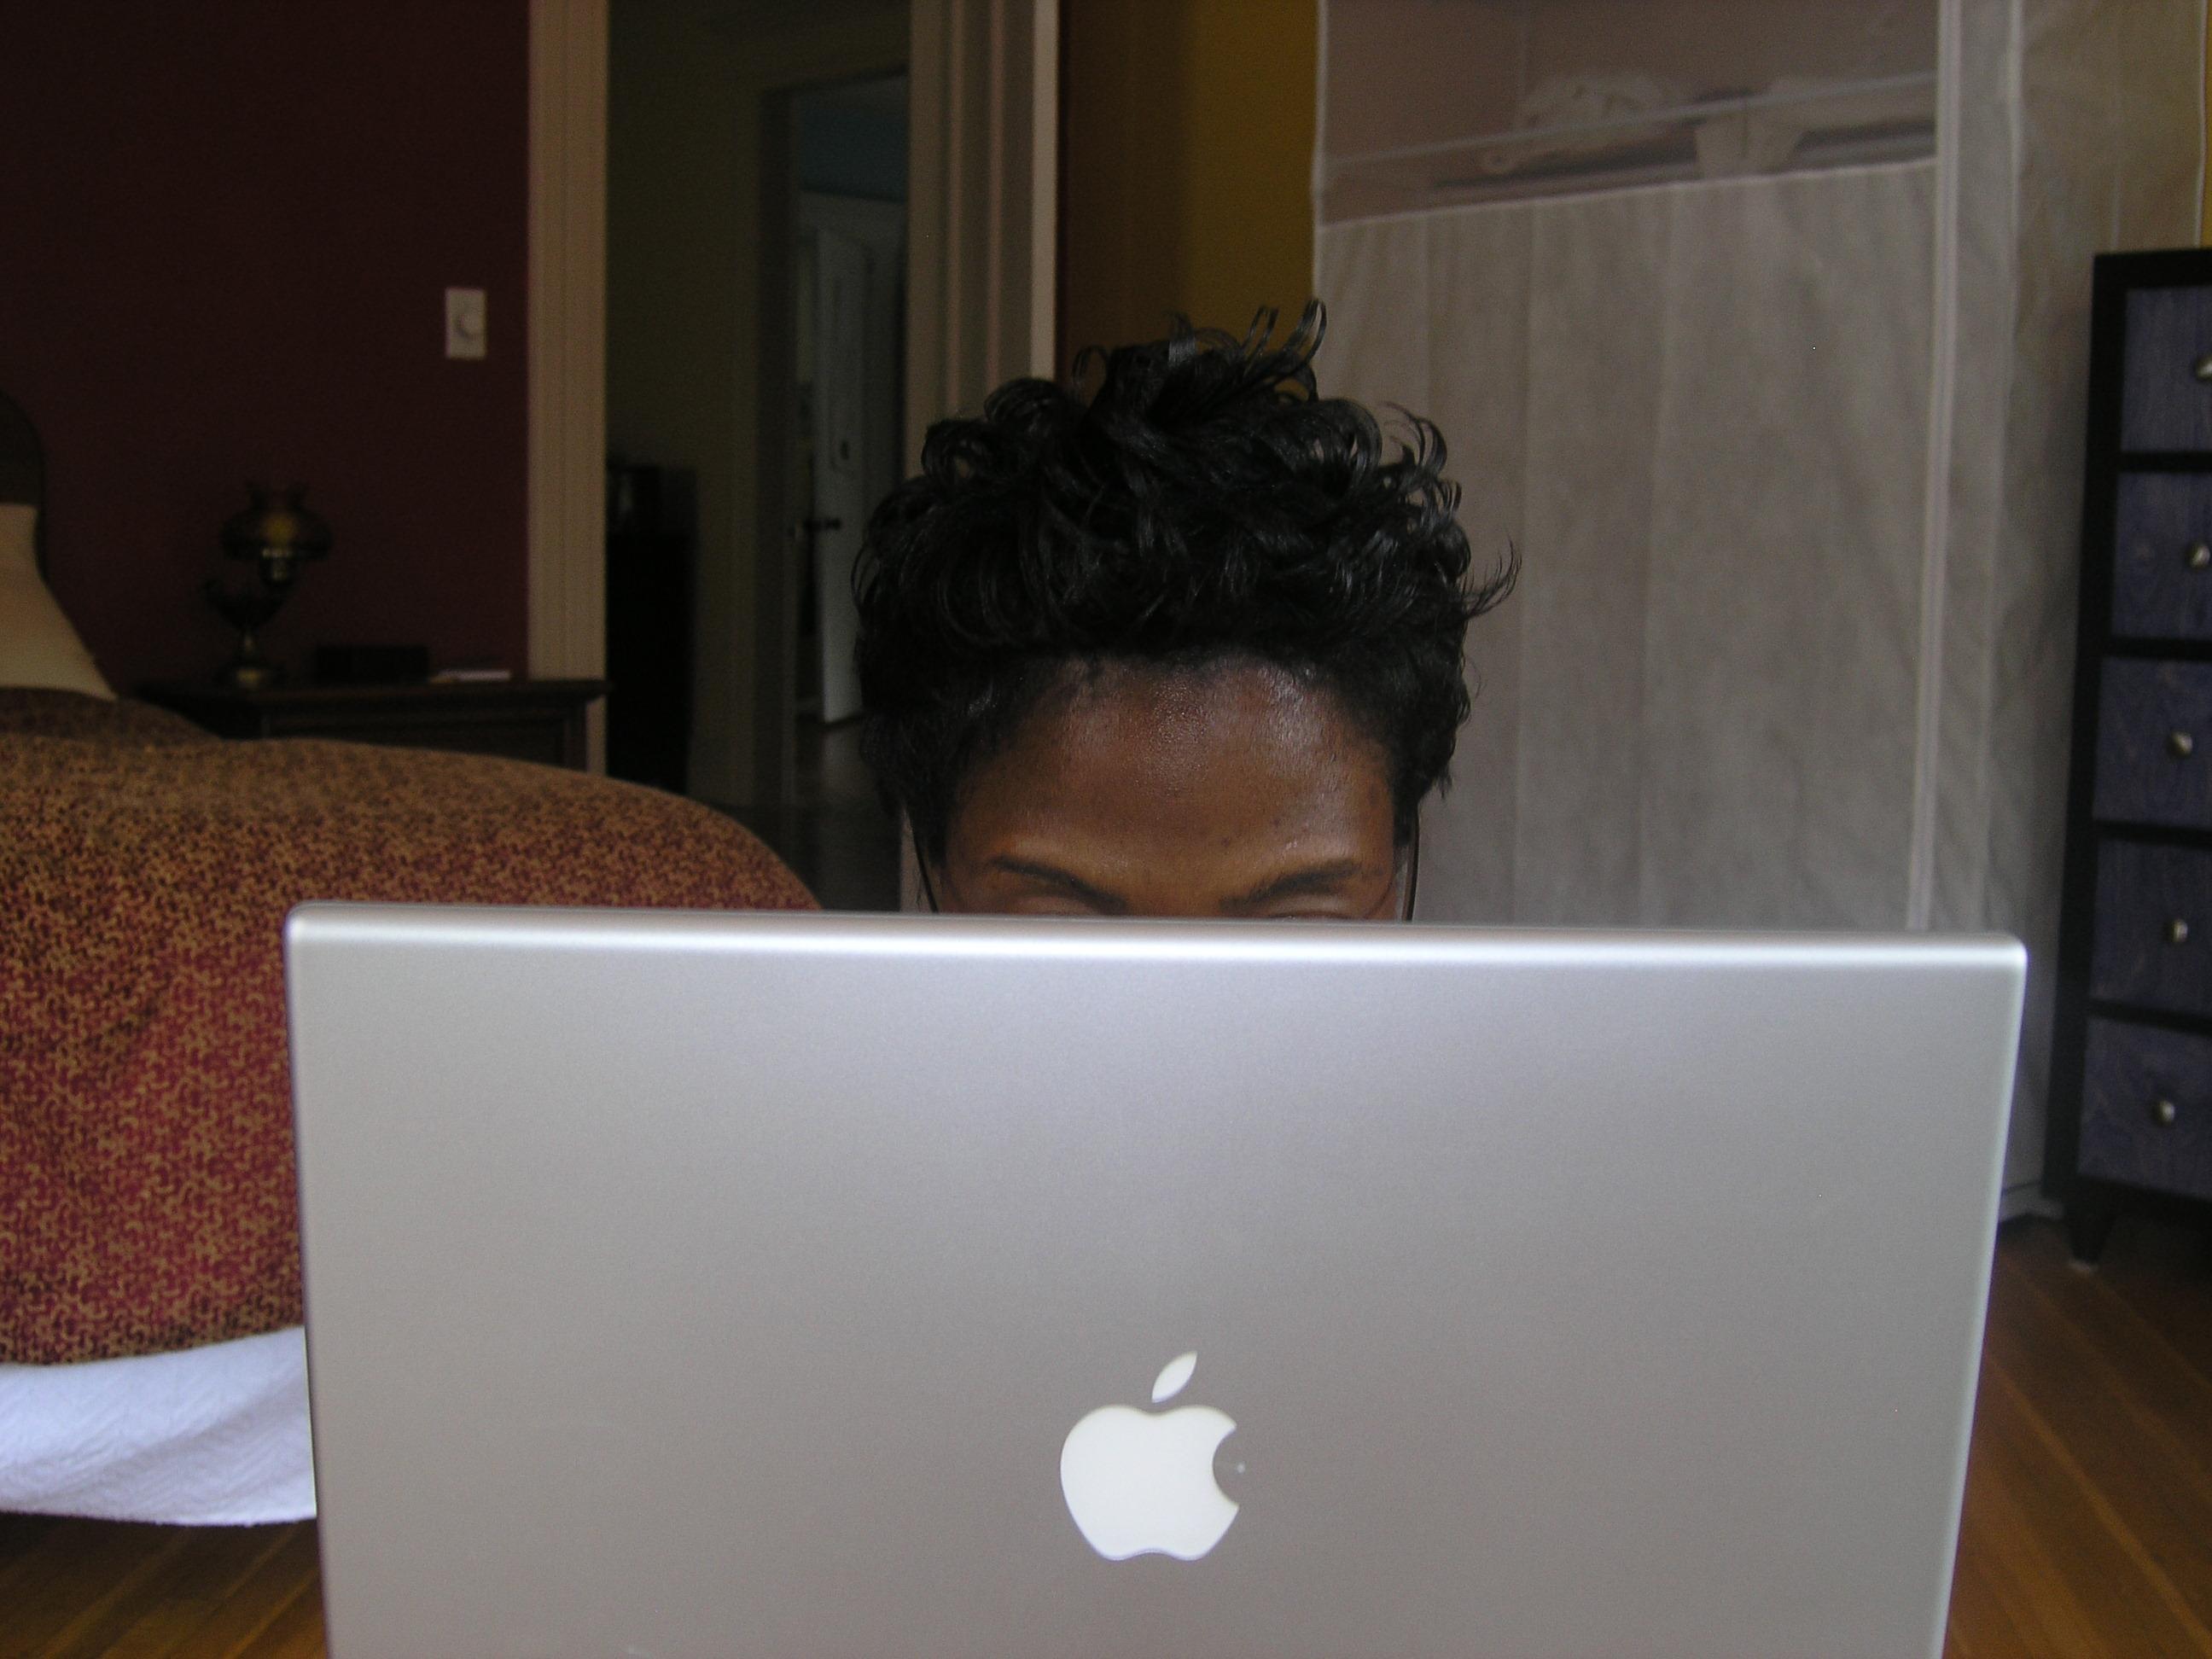 Facing Computer